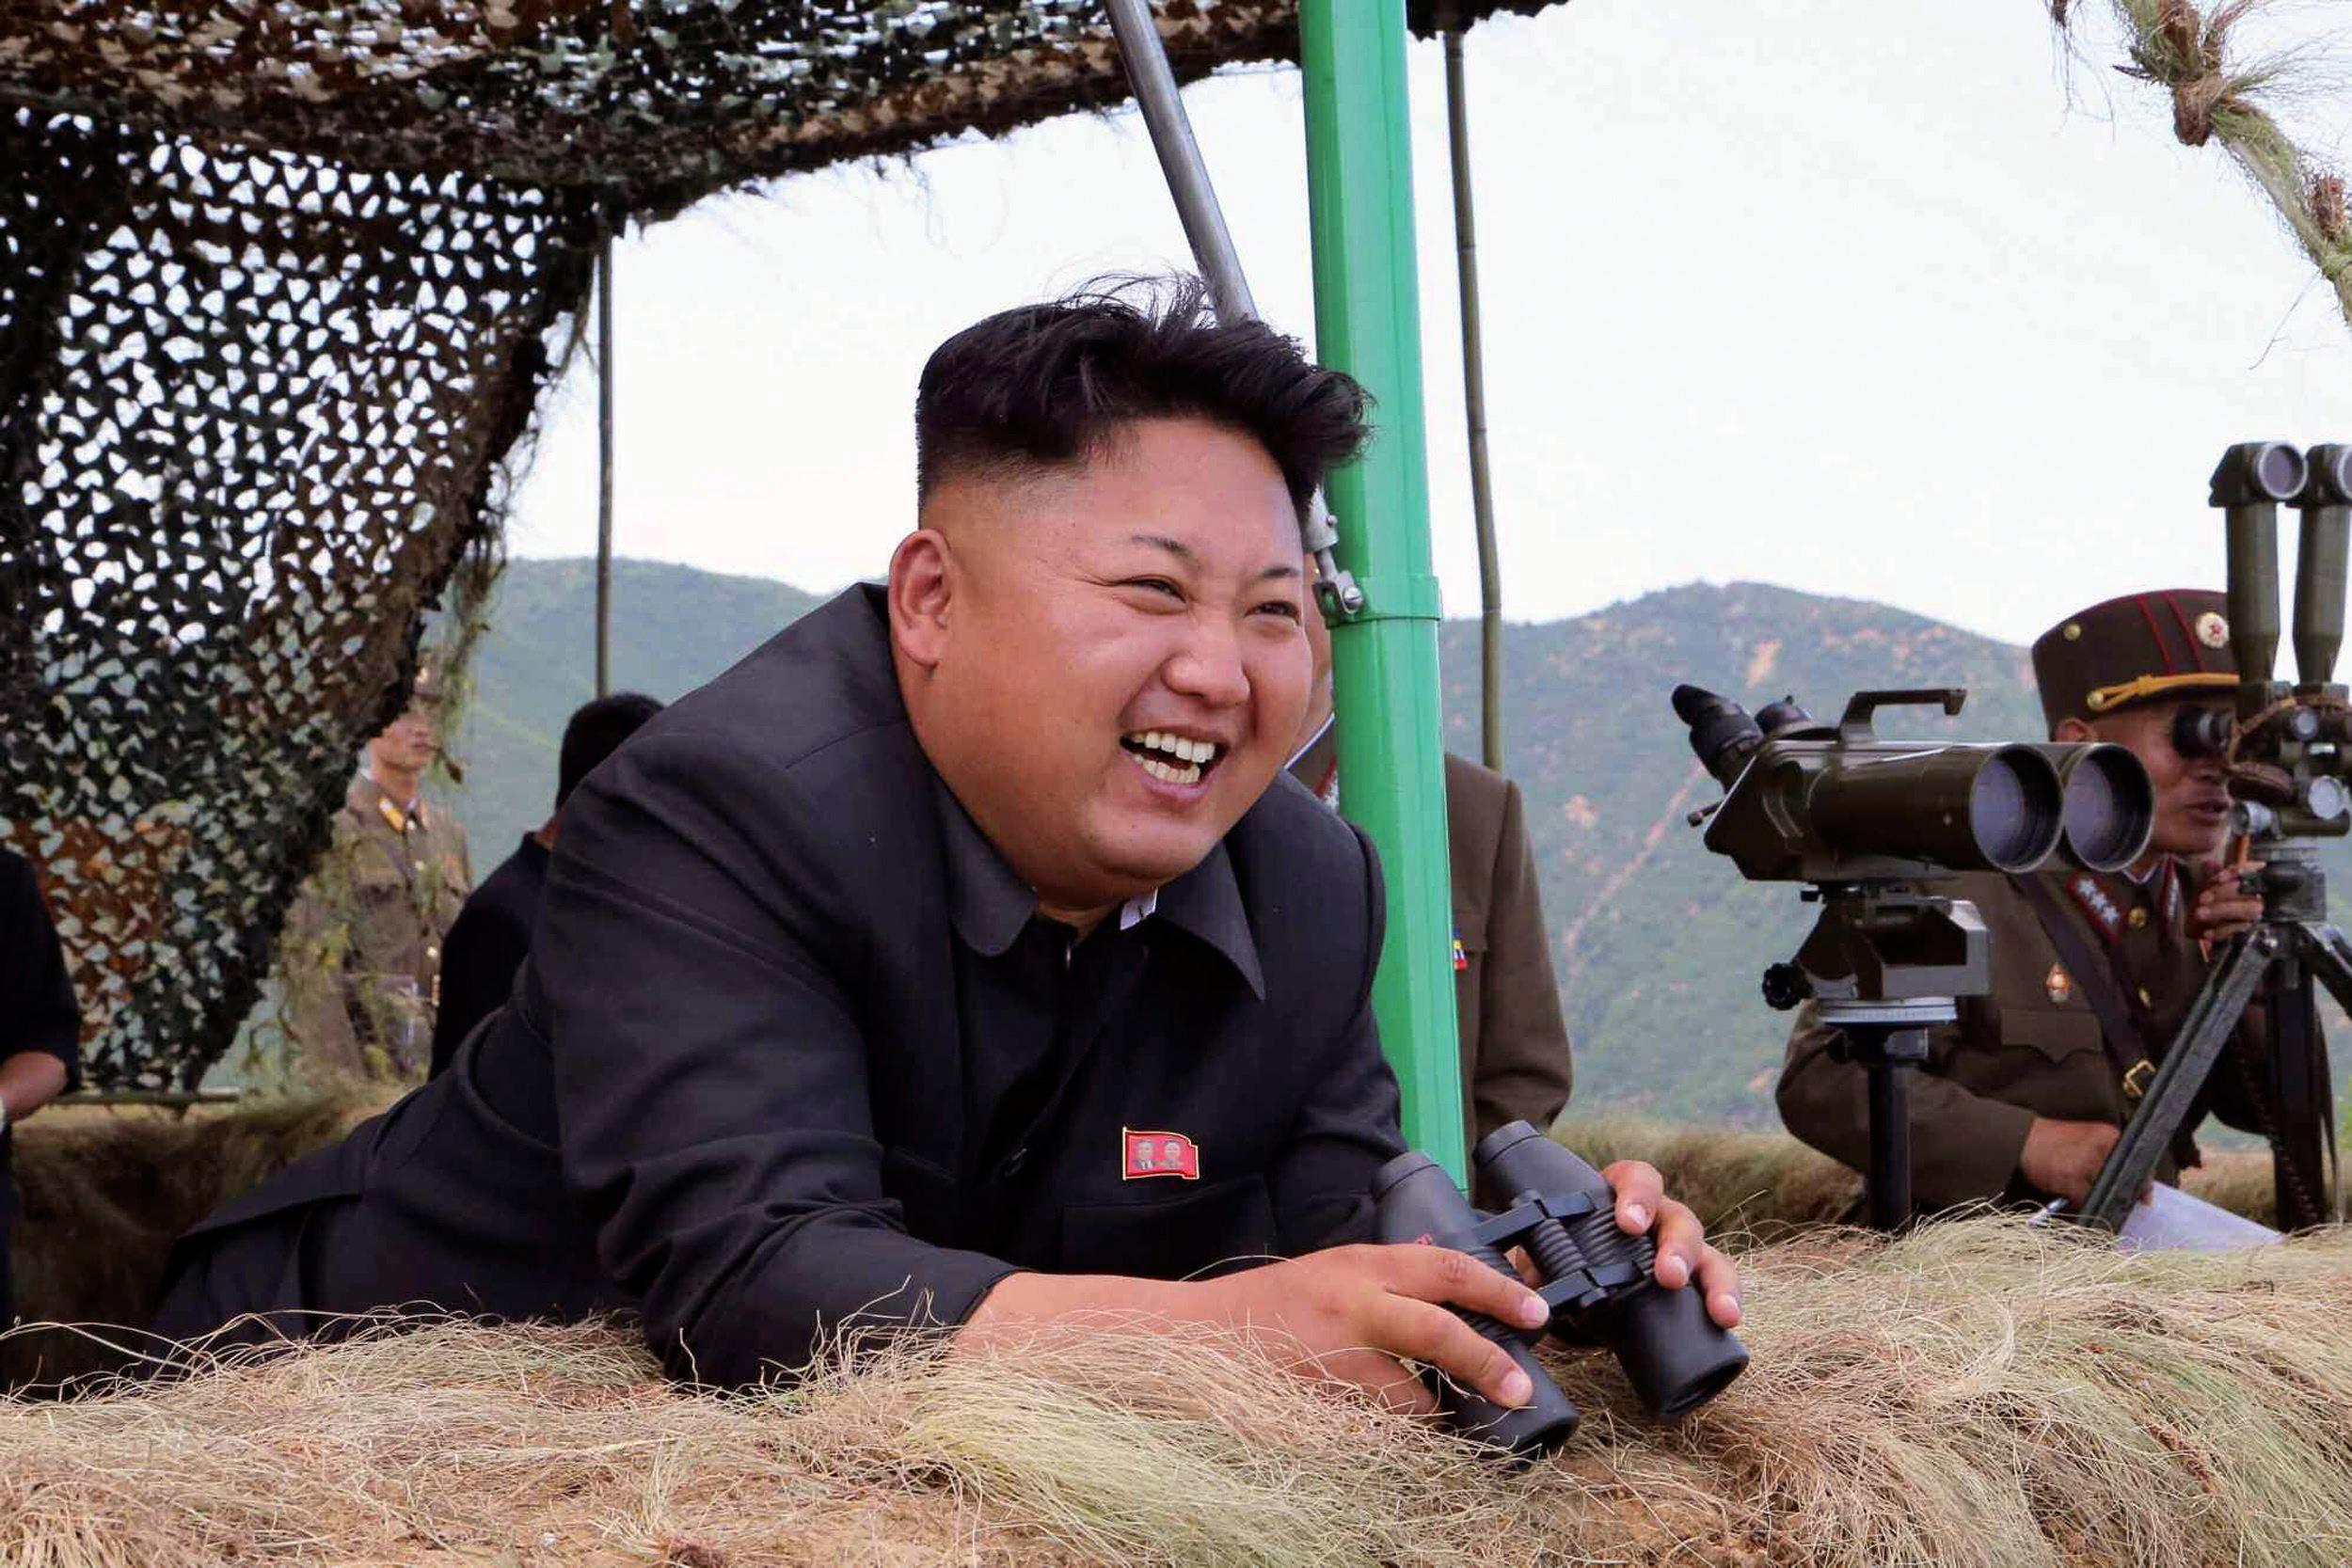 Esa misma semana Kim Jong-Un se ha vuelto loco y a tirado bombas nucleares por todo el mundo (incluso a sí mismo).